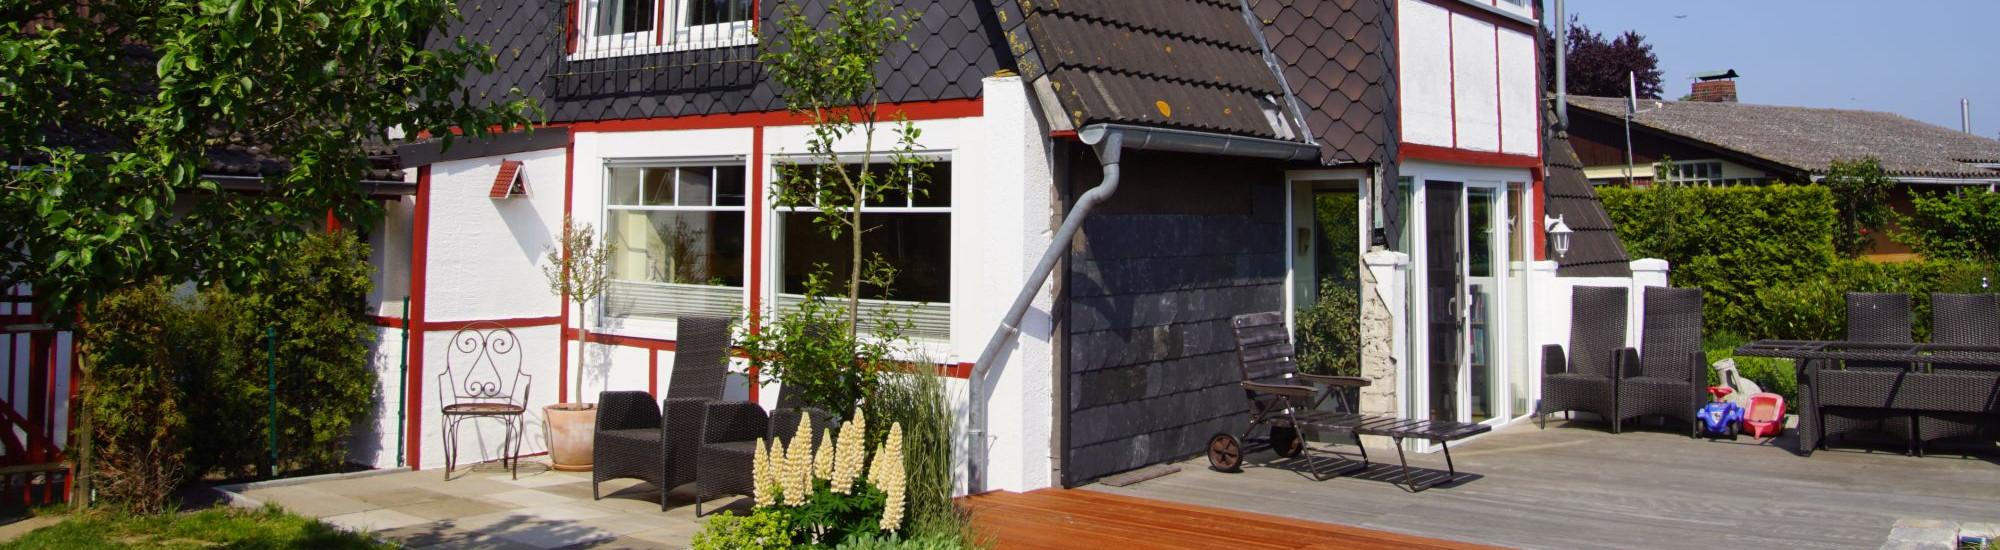 Ruheoase in Hohenfelde mit Ostseeblick